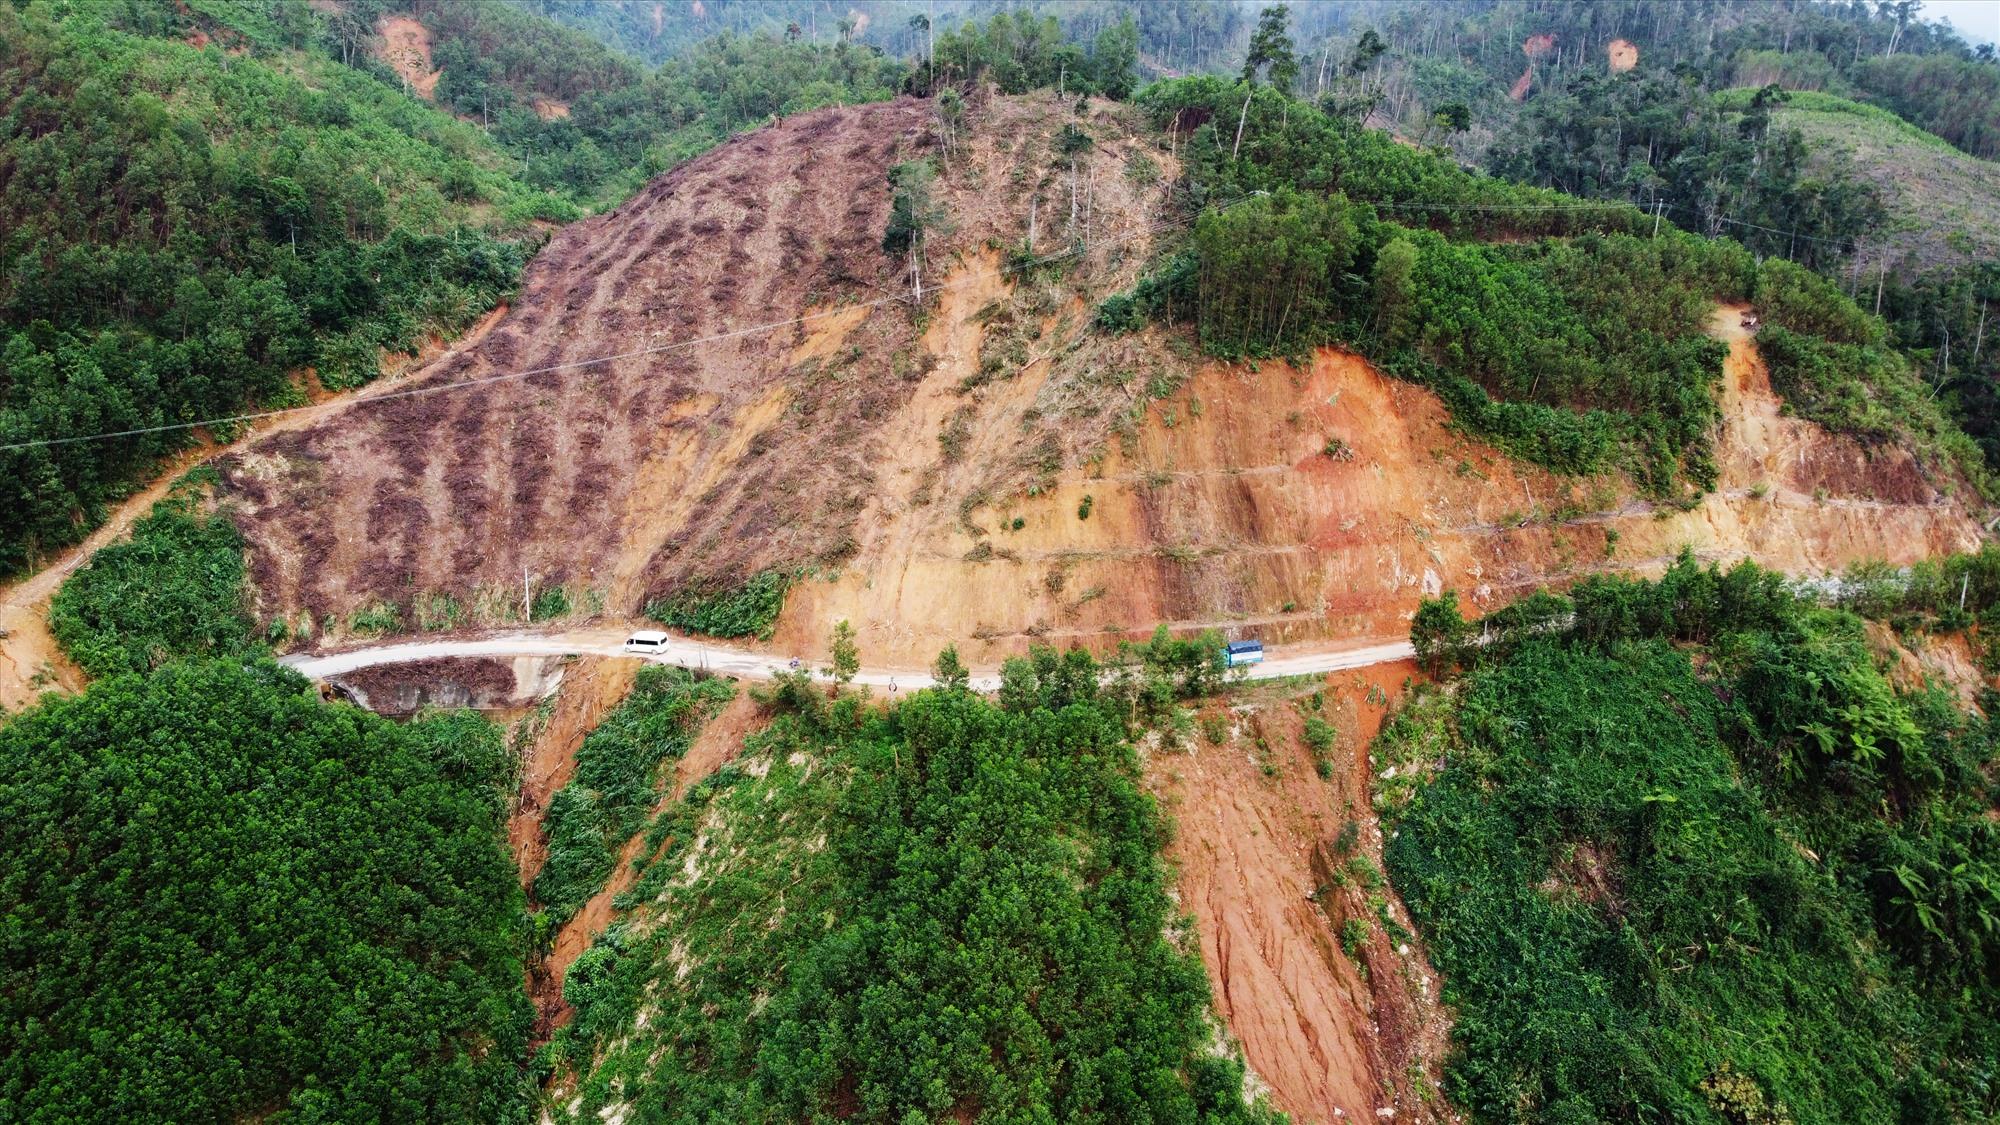 Quốc lộ 40B nối từ đường 1A tại TP Tam Kỳ đi các huyện trung du Phú Ninh, Tiên Phước và huyện miền núi Bắc Trà My, Nam Trà My đến tỉnh Kon Tum, dài 210 km. Trong đó, 70 km từ huyện Bắc Trà My đến hết Nam Trà My đi qua nhiều đồi núi thường xuyên bị sạt lở sau mưa bão.